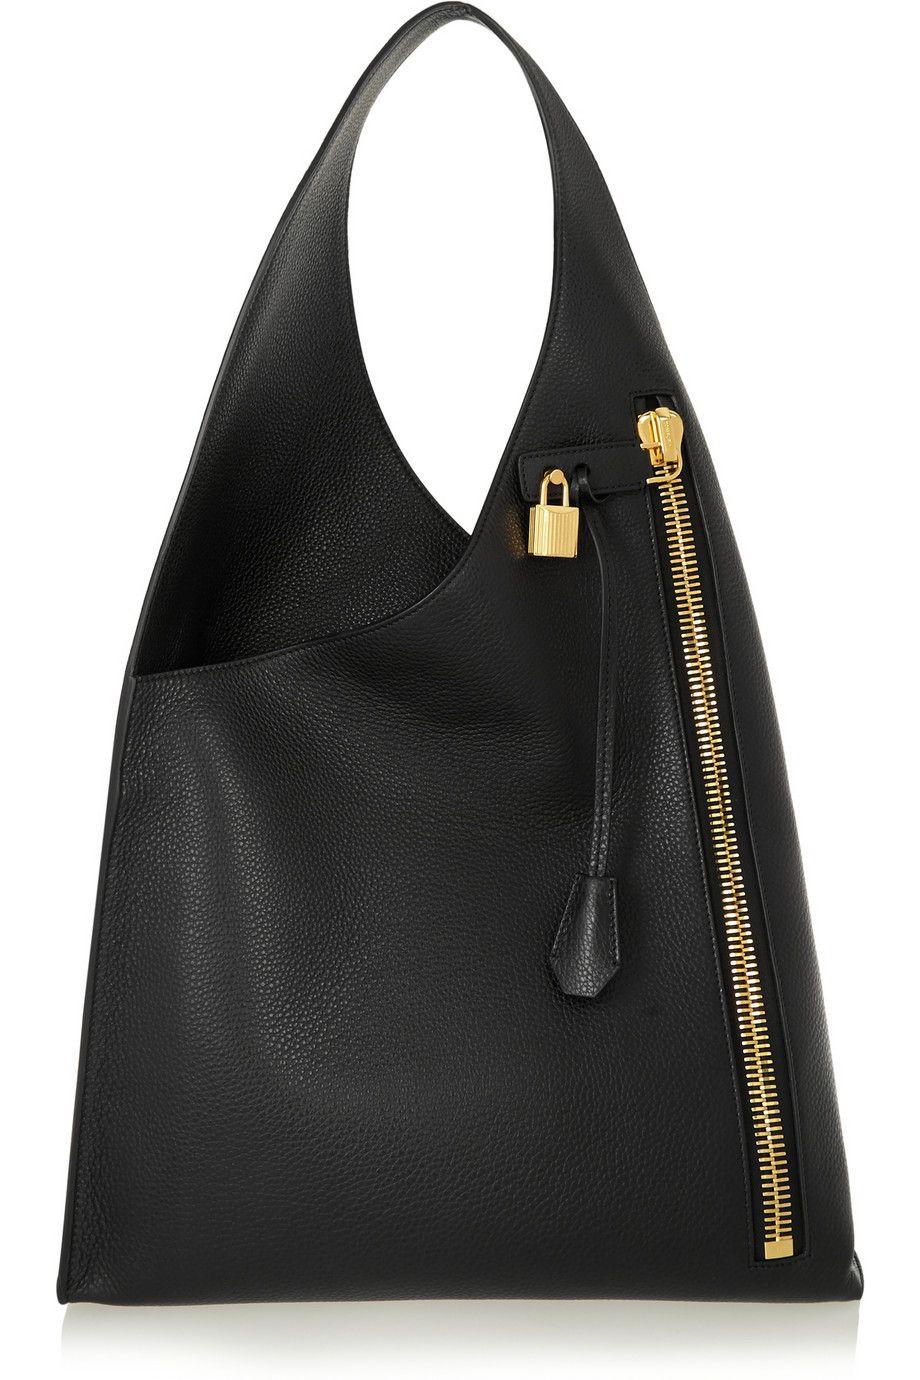 9cc0cb26adf4b Tom Ford | Alix Hobo textured-leather shoulder bag | NET-A-PORTER.COM